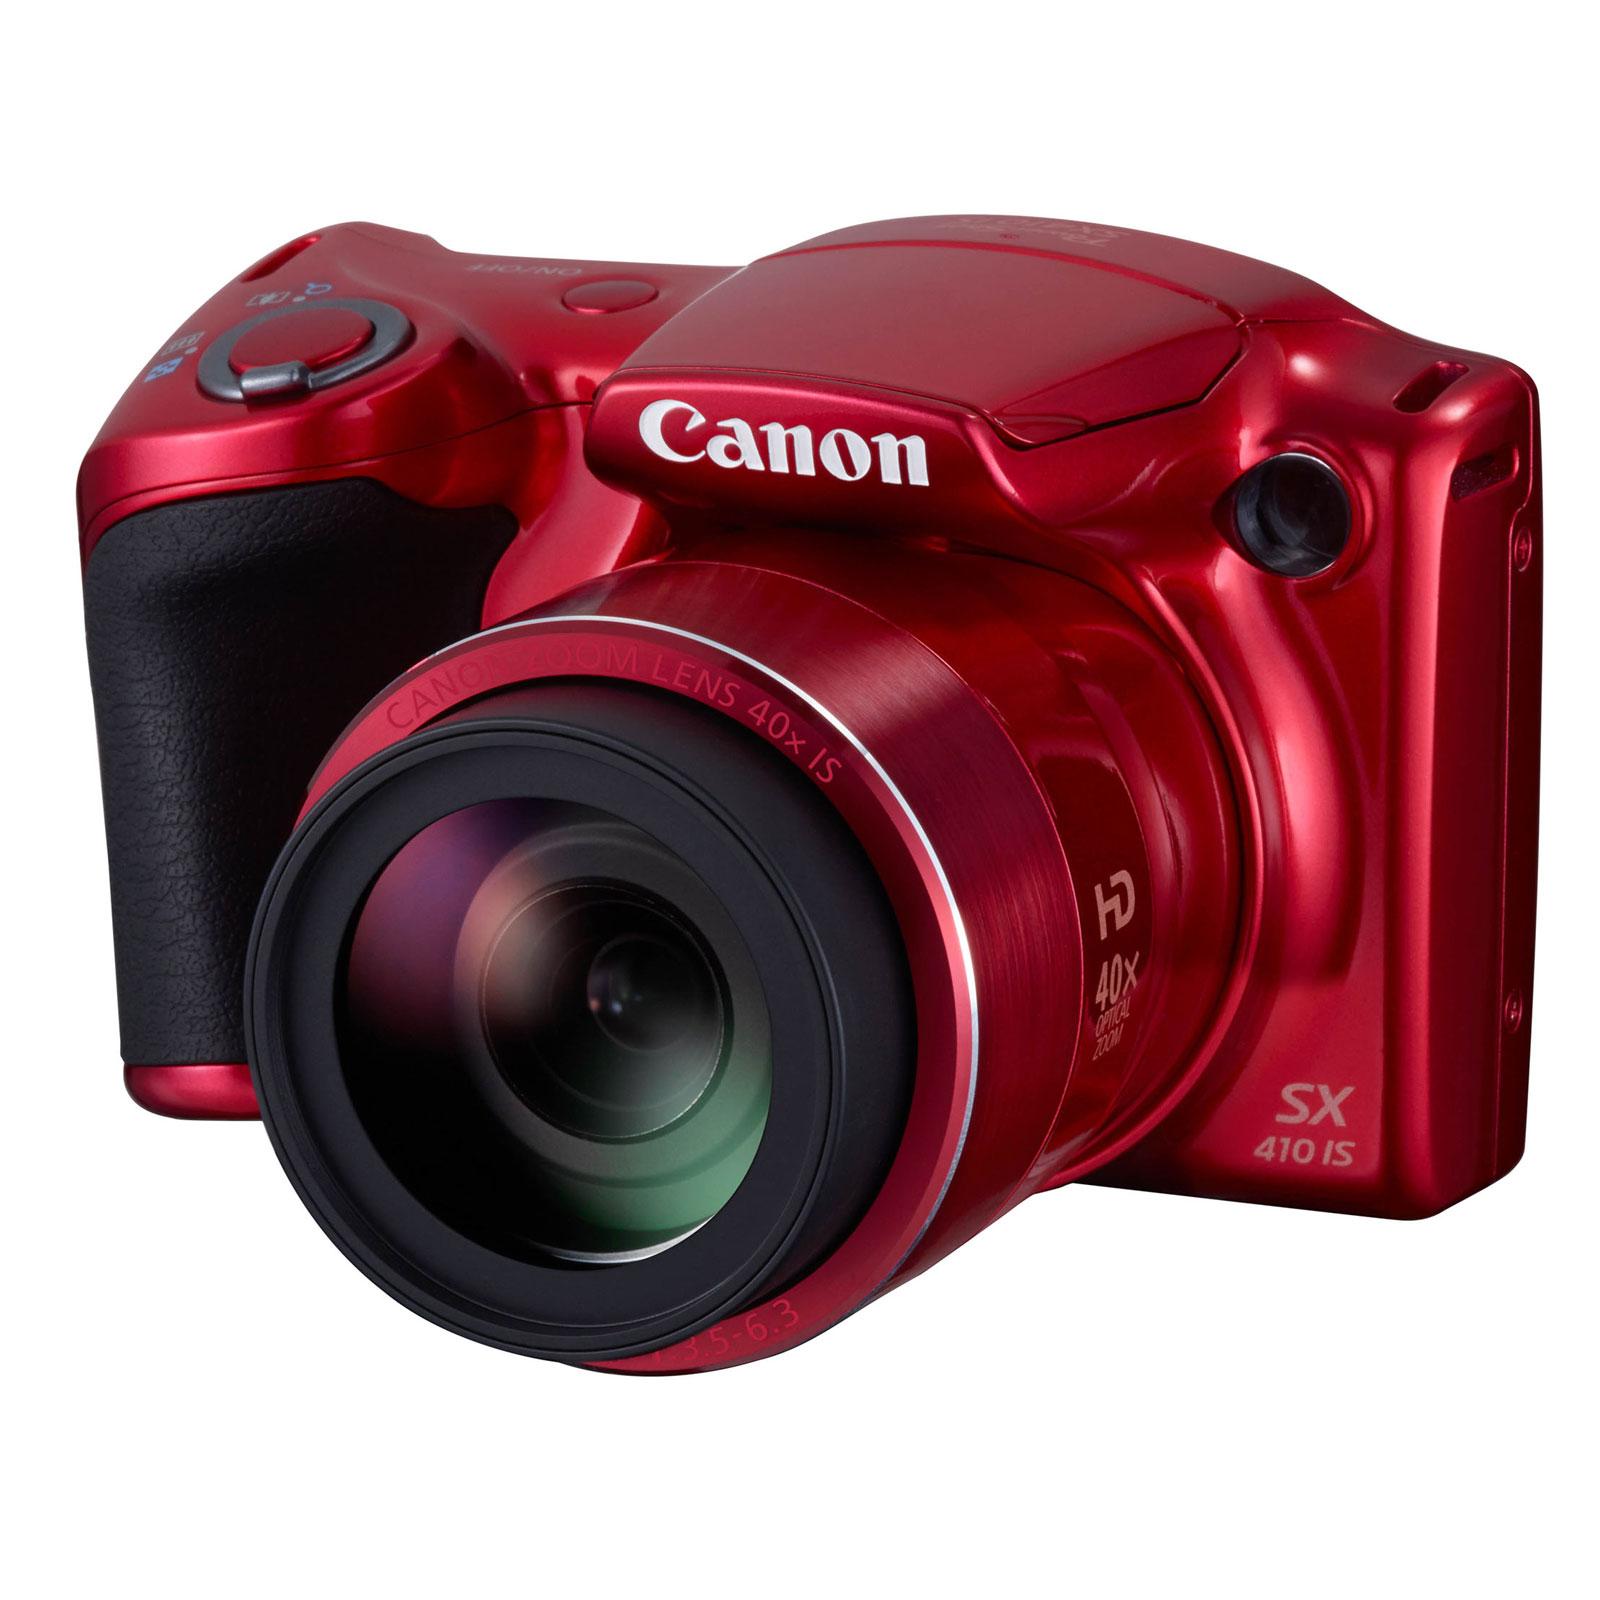 canon powershot sx410 is rouge appareil photo num rique. Black Bedroom Furniture Sets. Home Design Ideas